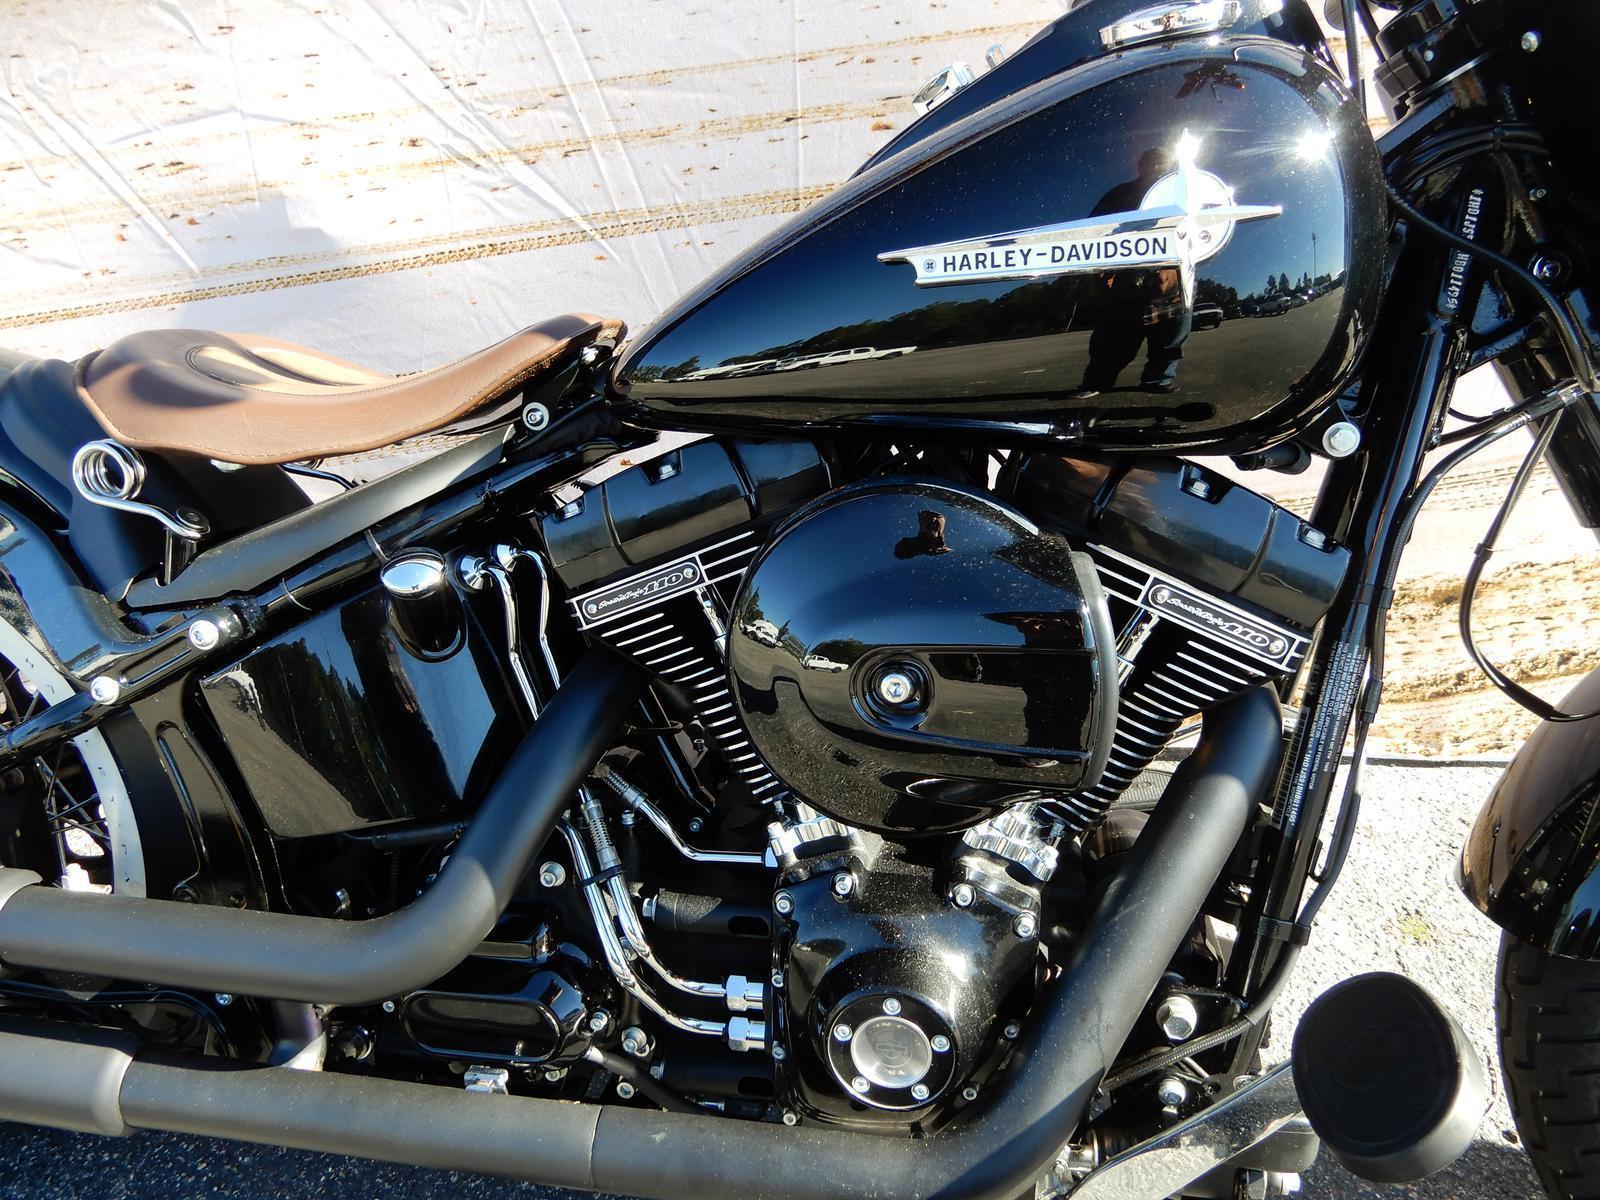 2017 Harley-Davidson® Softail Slim S